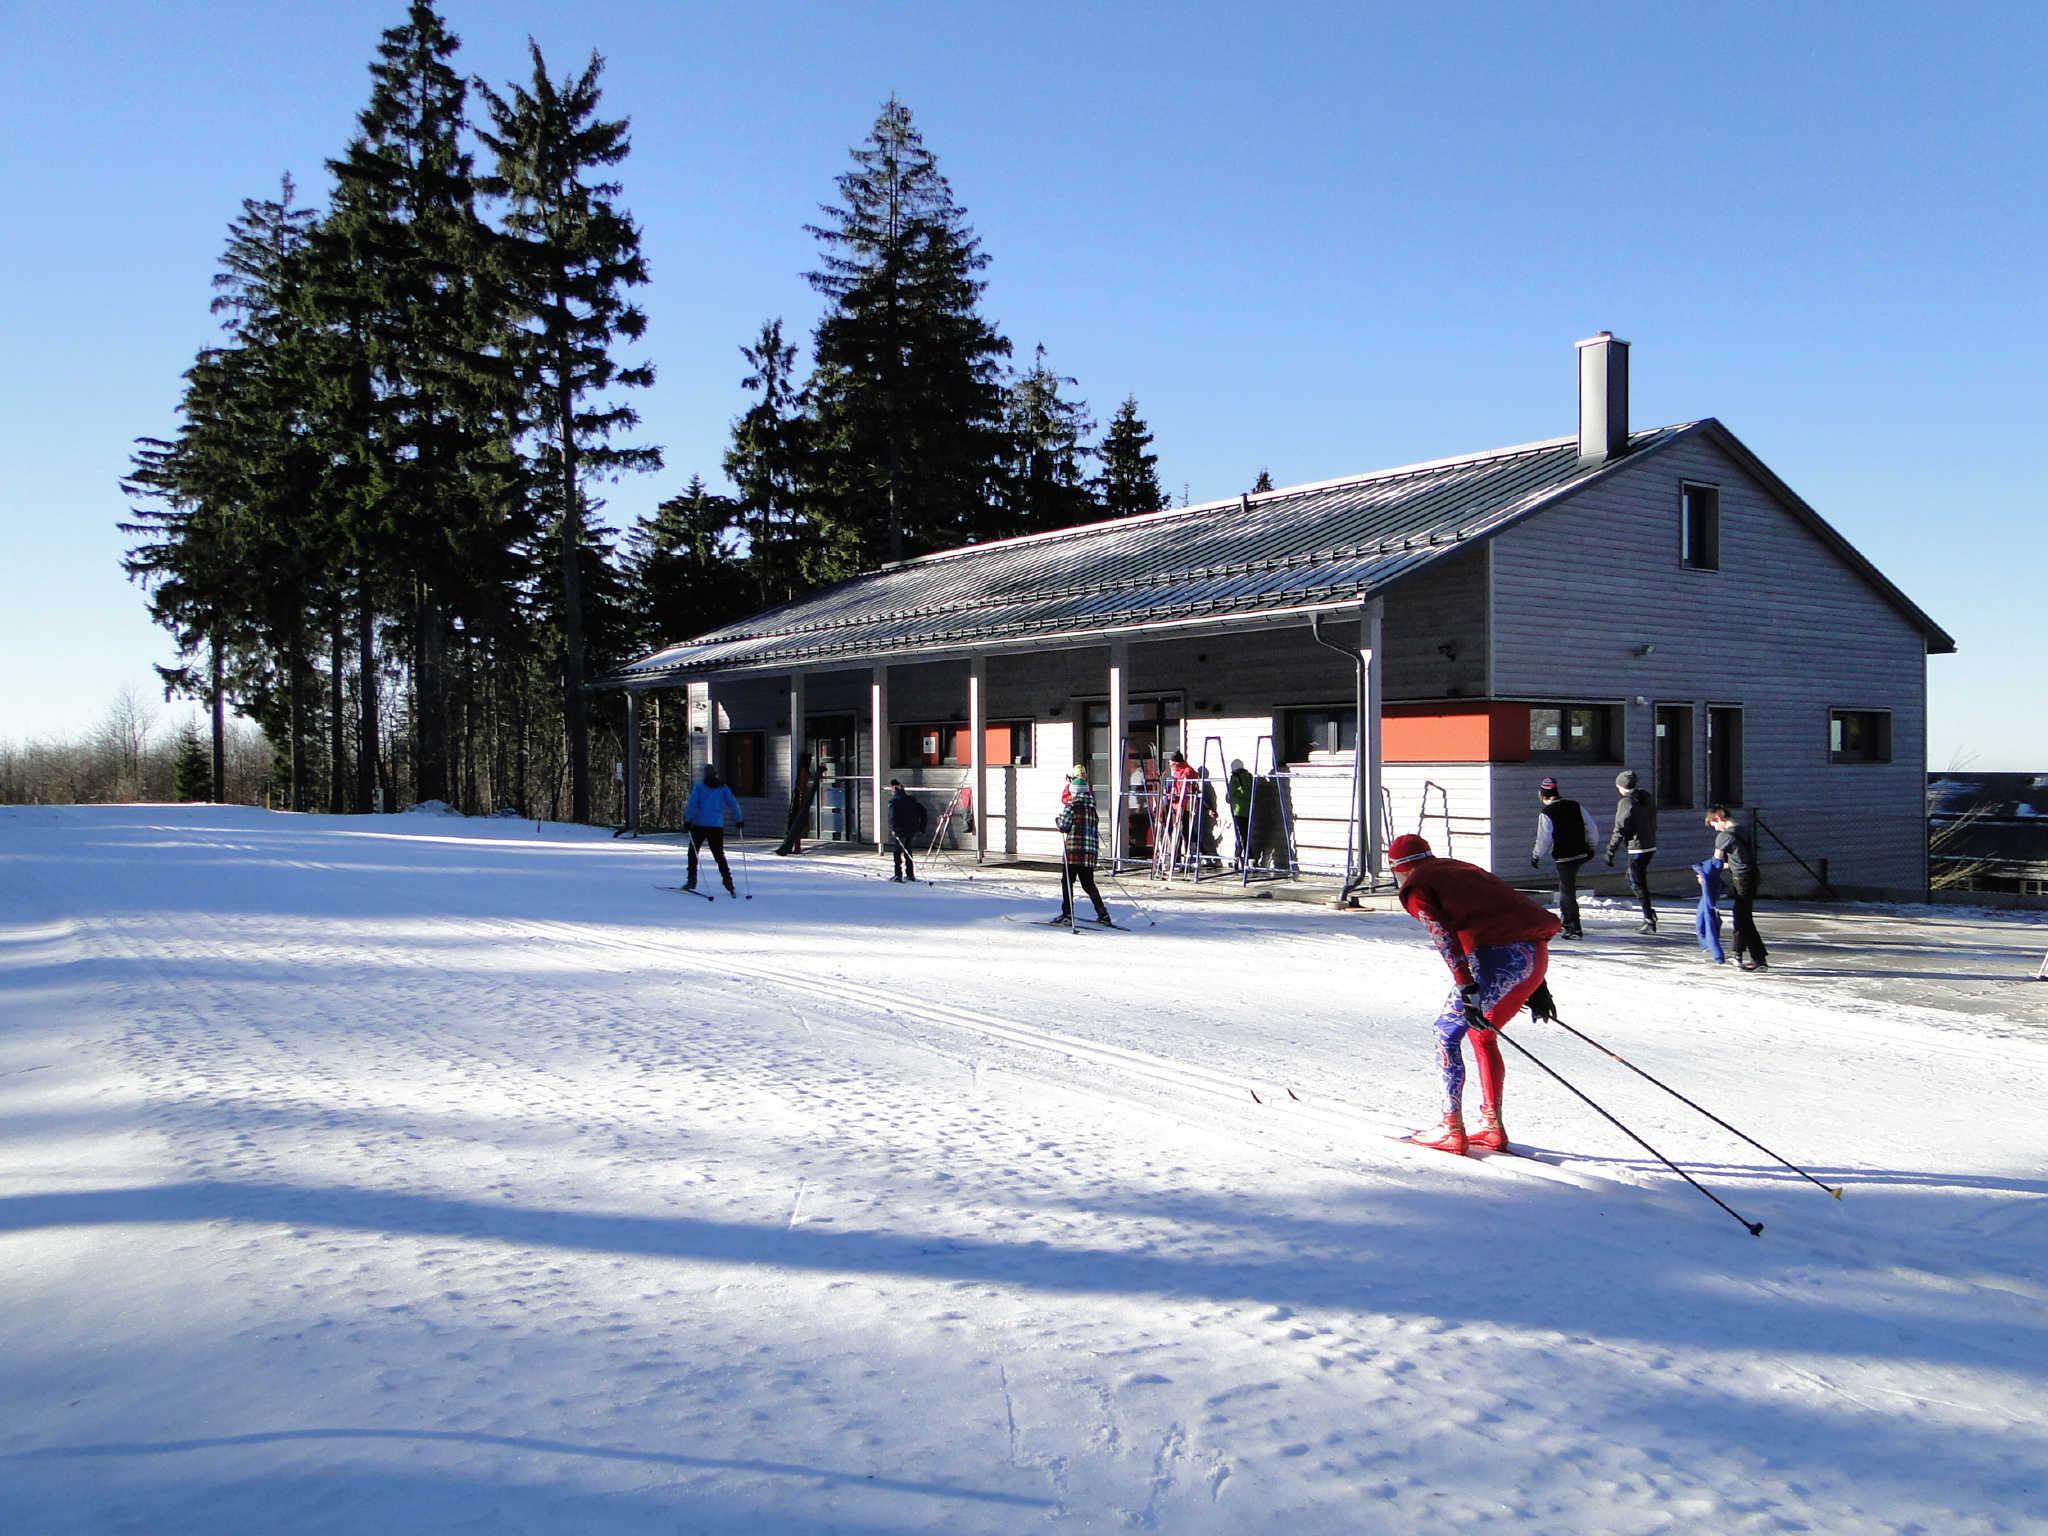 Langlaufzentrum Silberhütte